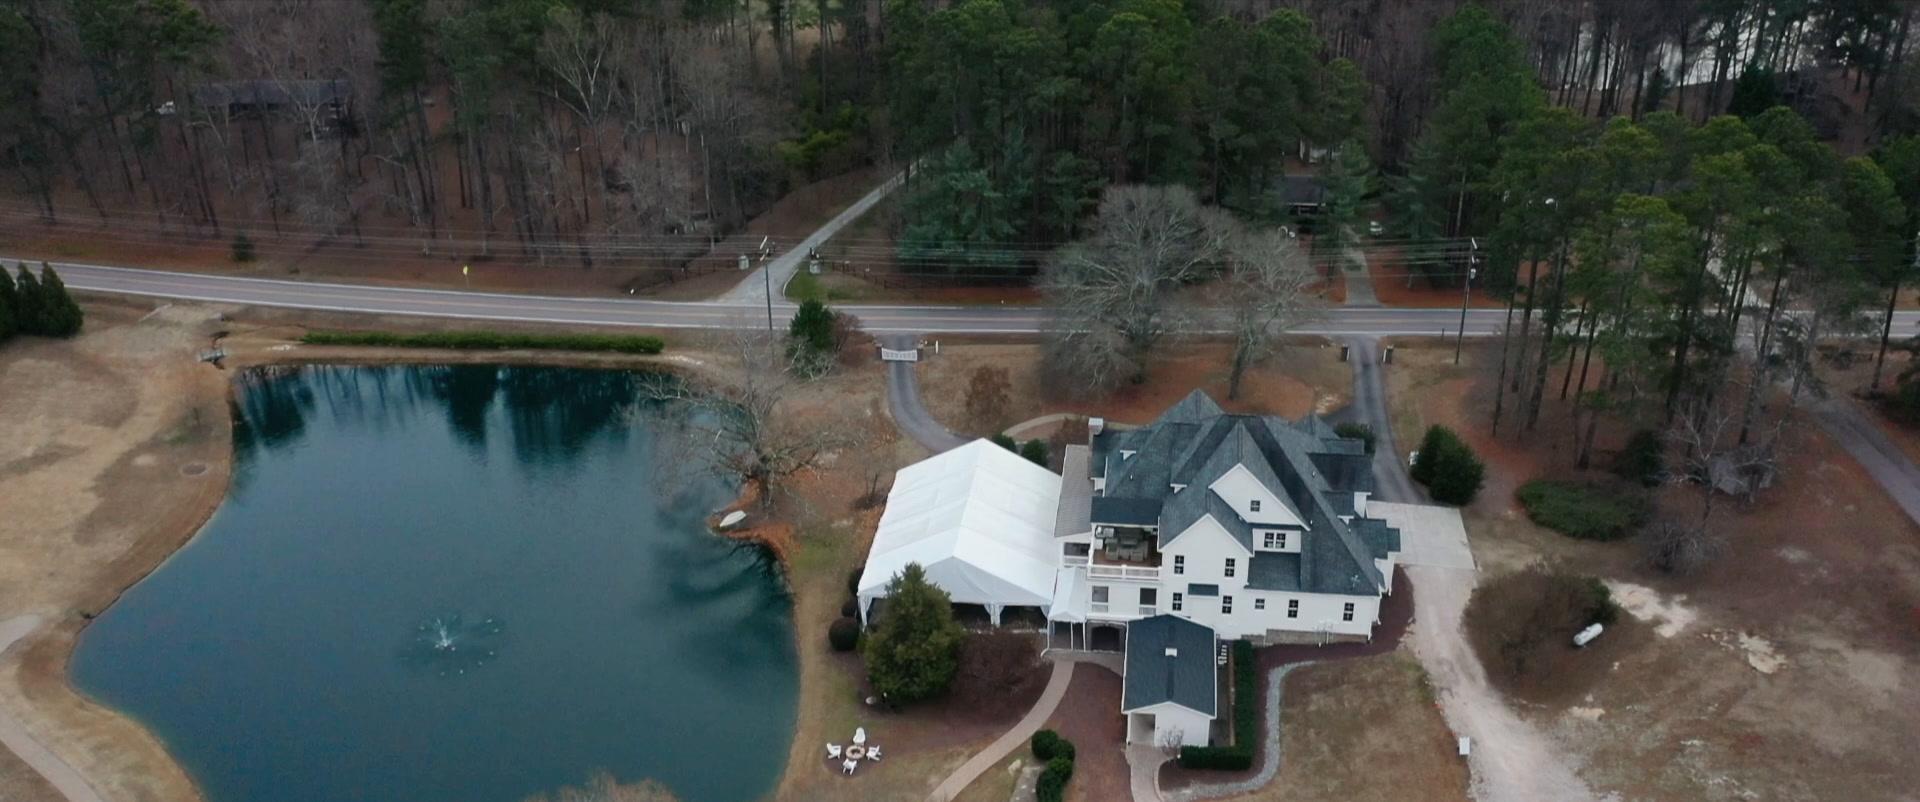 Nicole + Brayden | Apex, North Carolina | mansion